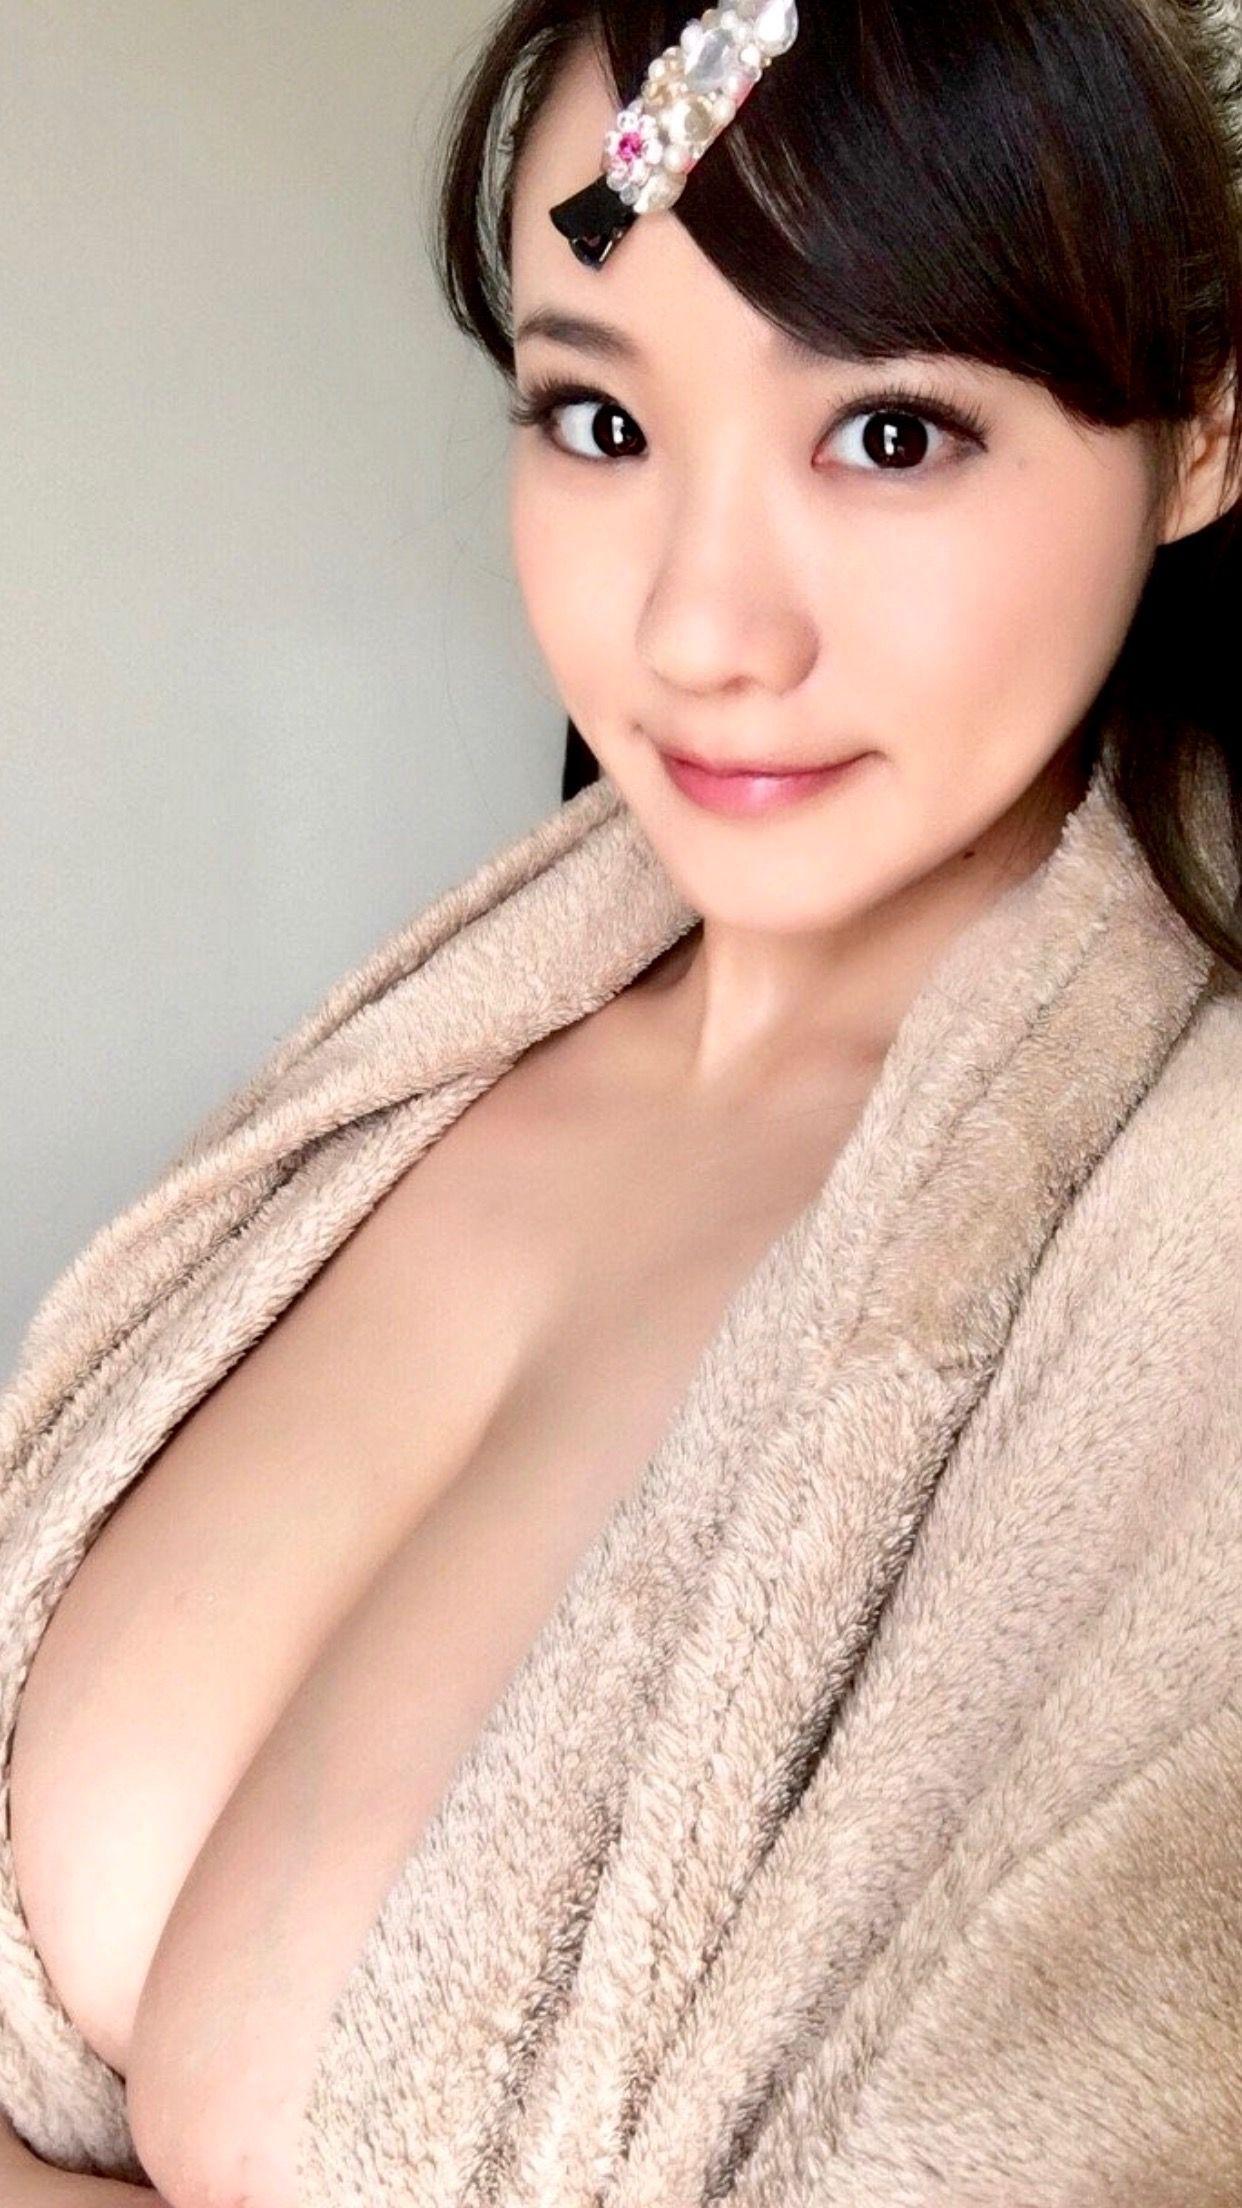 Porno-asiatische Schönheit